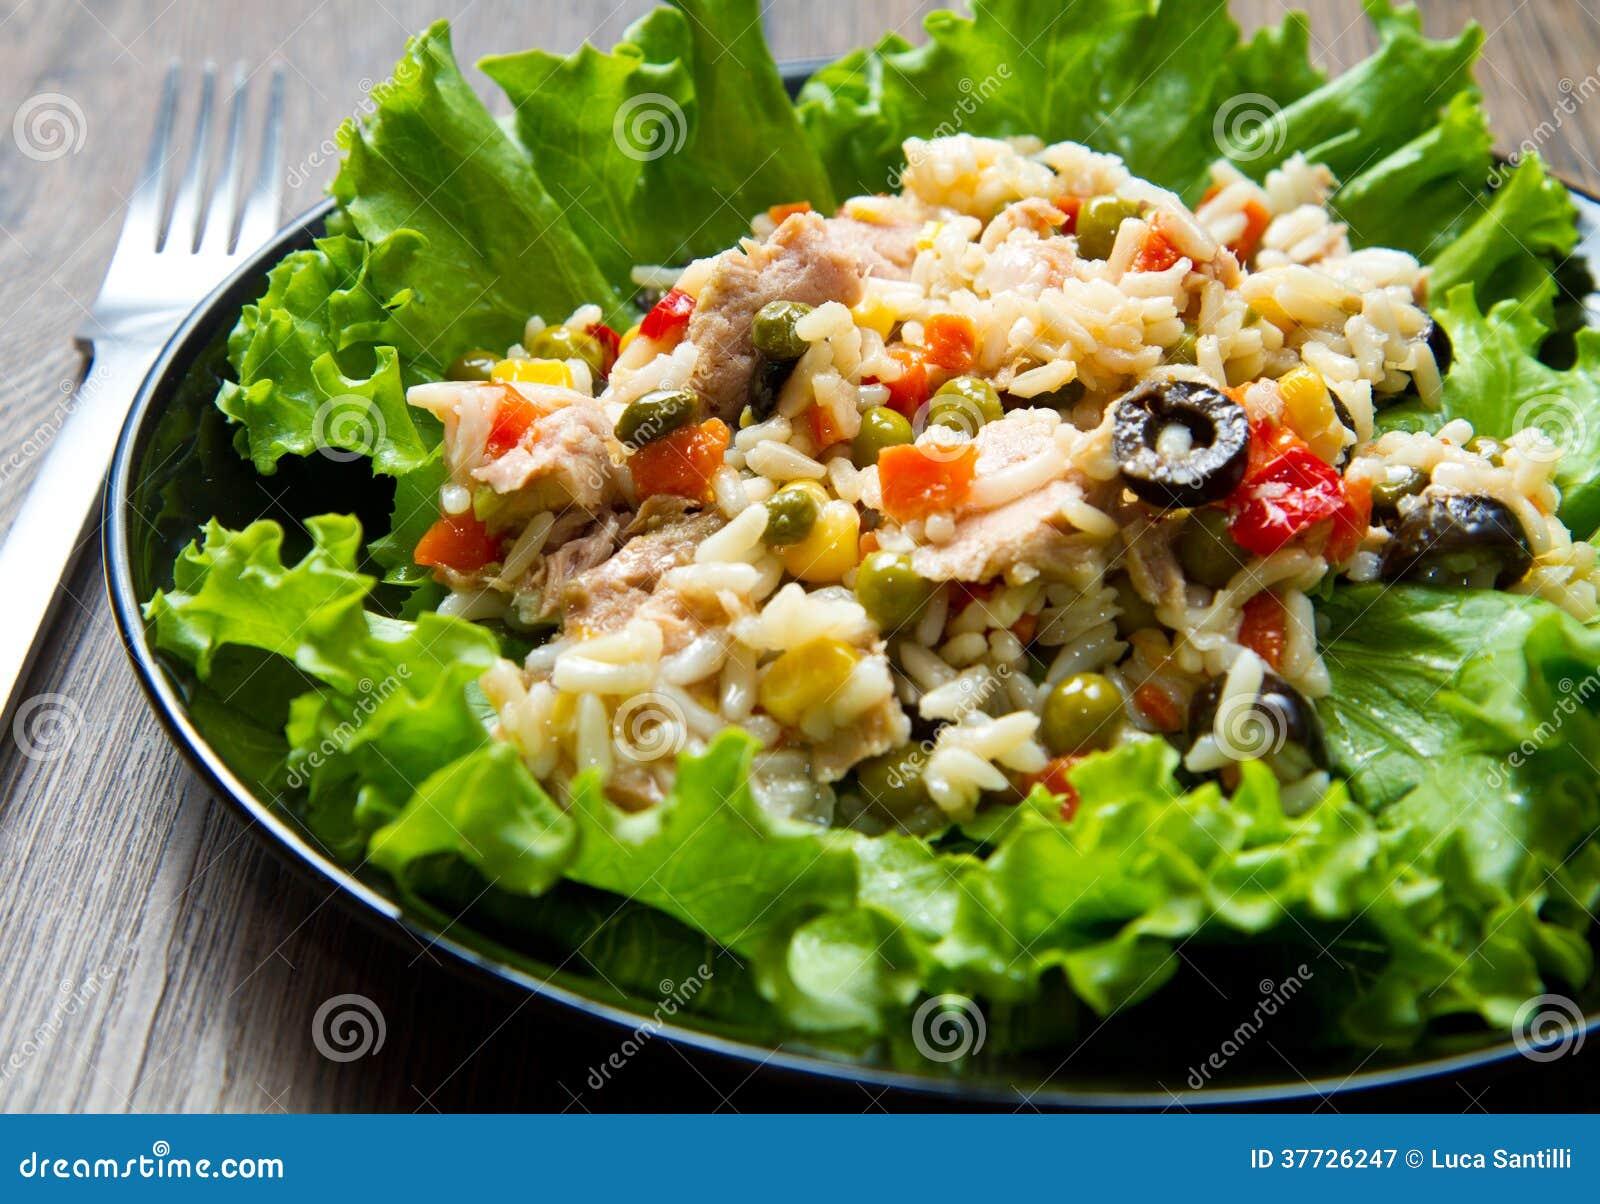 Ensalada de at n con arroz y verduras imagen de archivo - Ensalada de arroz y atun ...